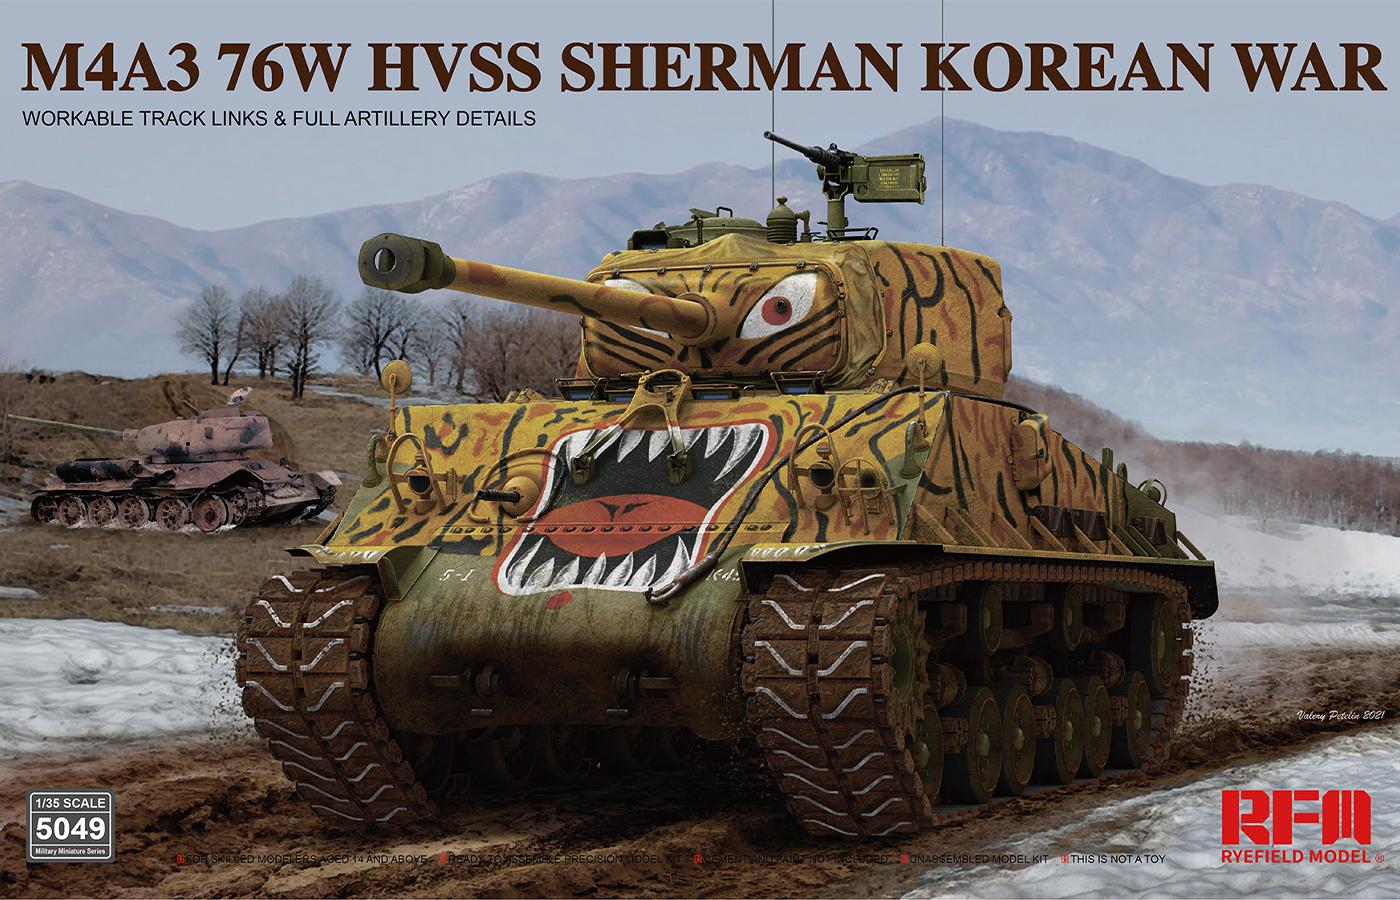 RM-5049  M4A3 76W HVSS SHERMAN KOREAN WAR